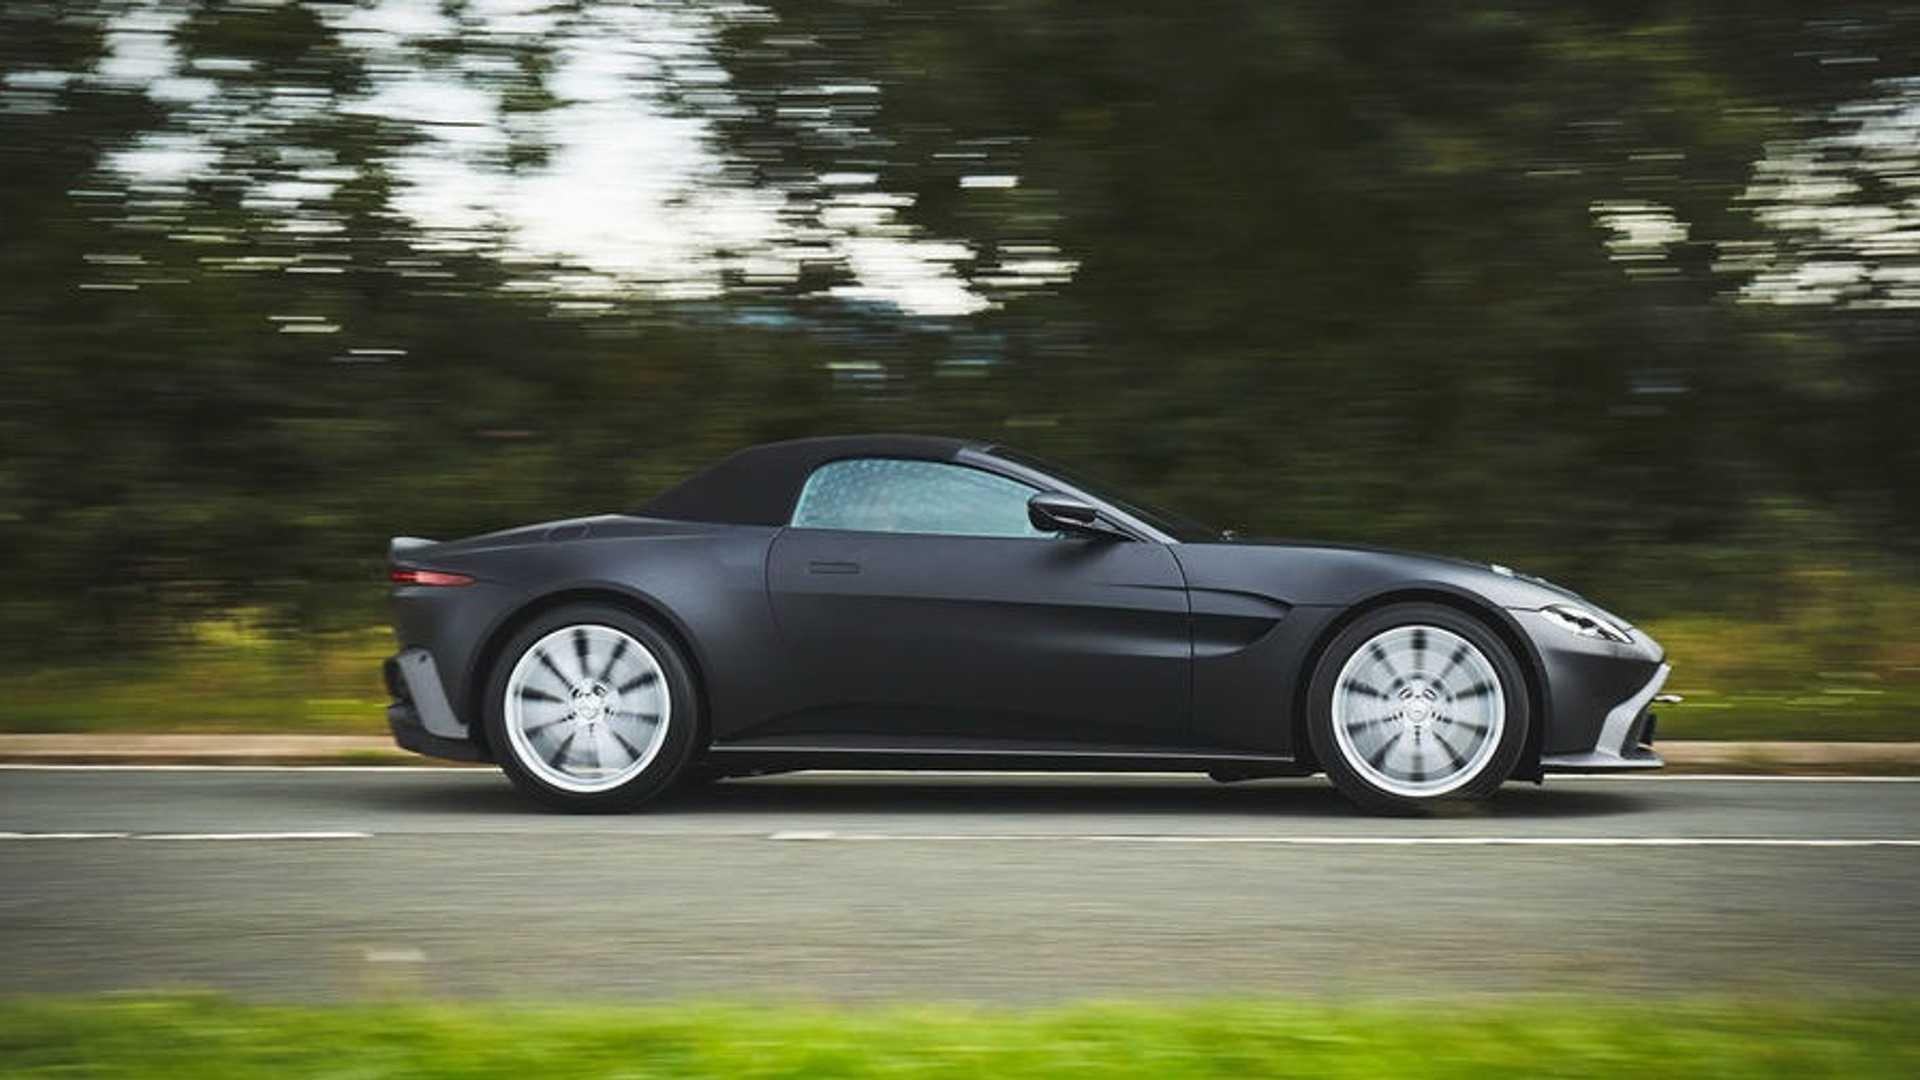 انتشار تصاویری از پیشنمایش خودروی Vantage Roadster استون مارتین +تصاویر